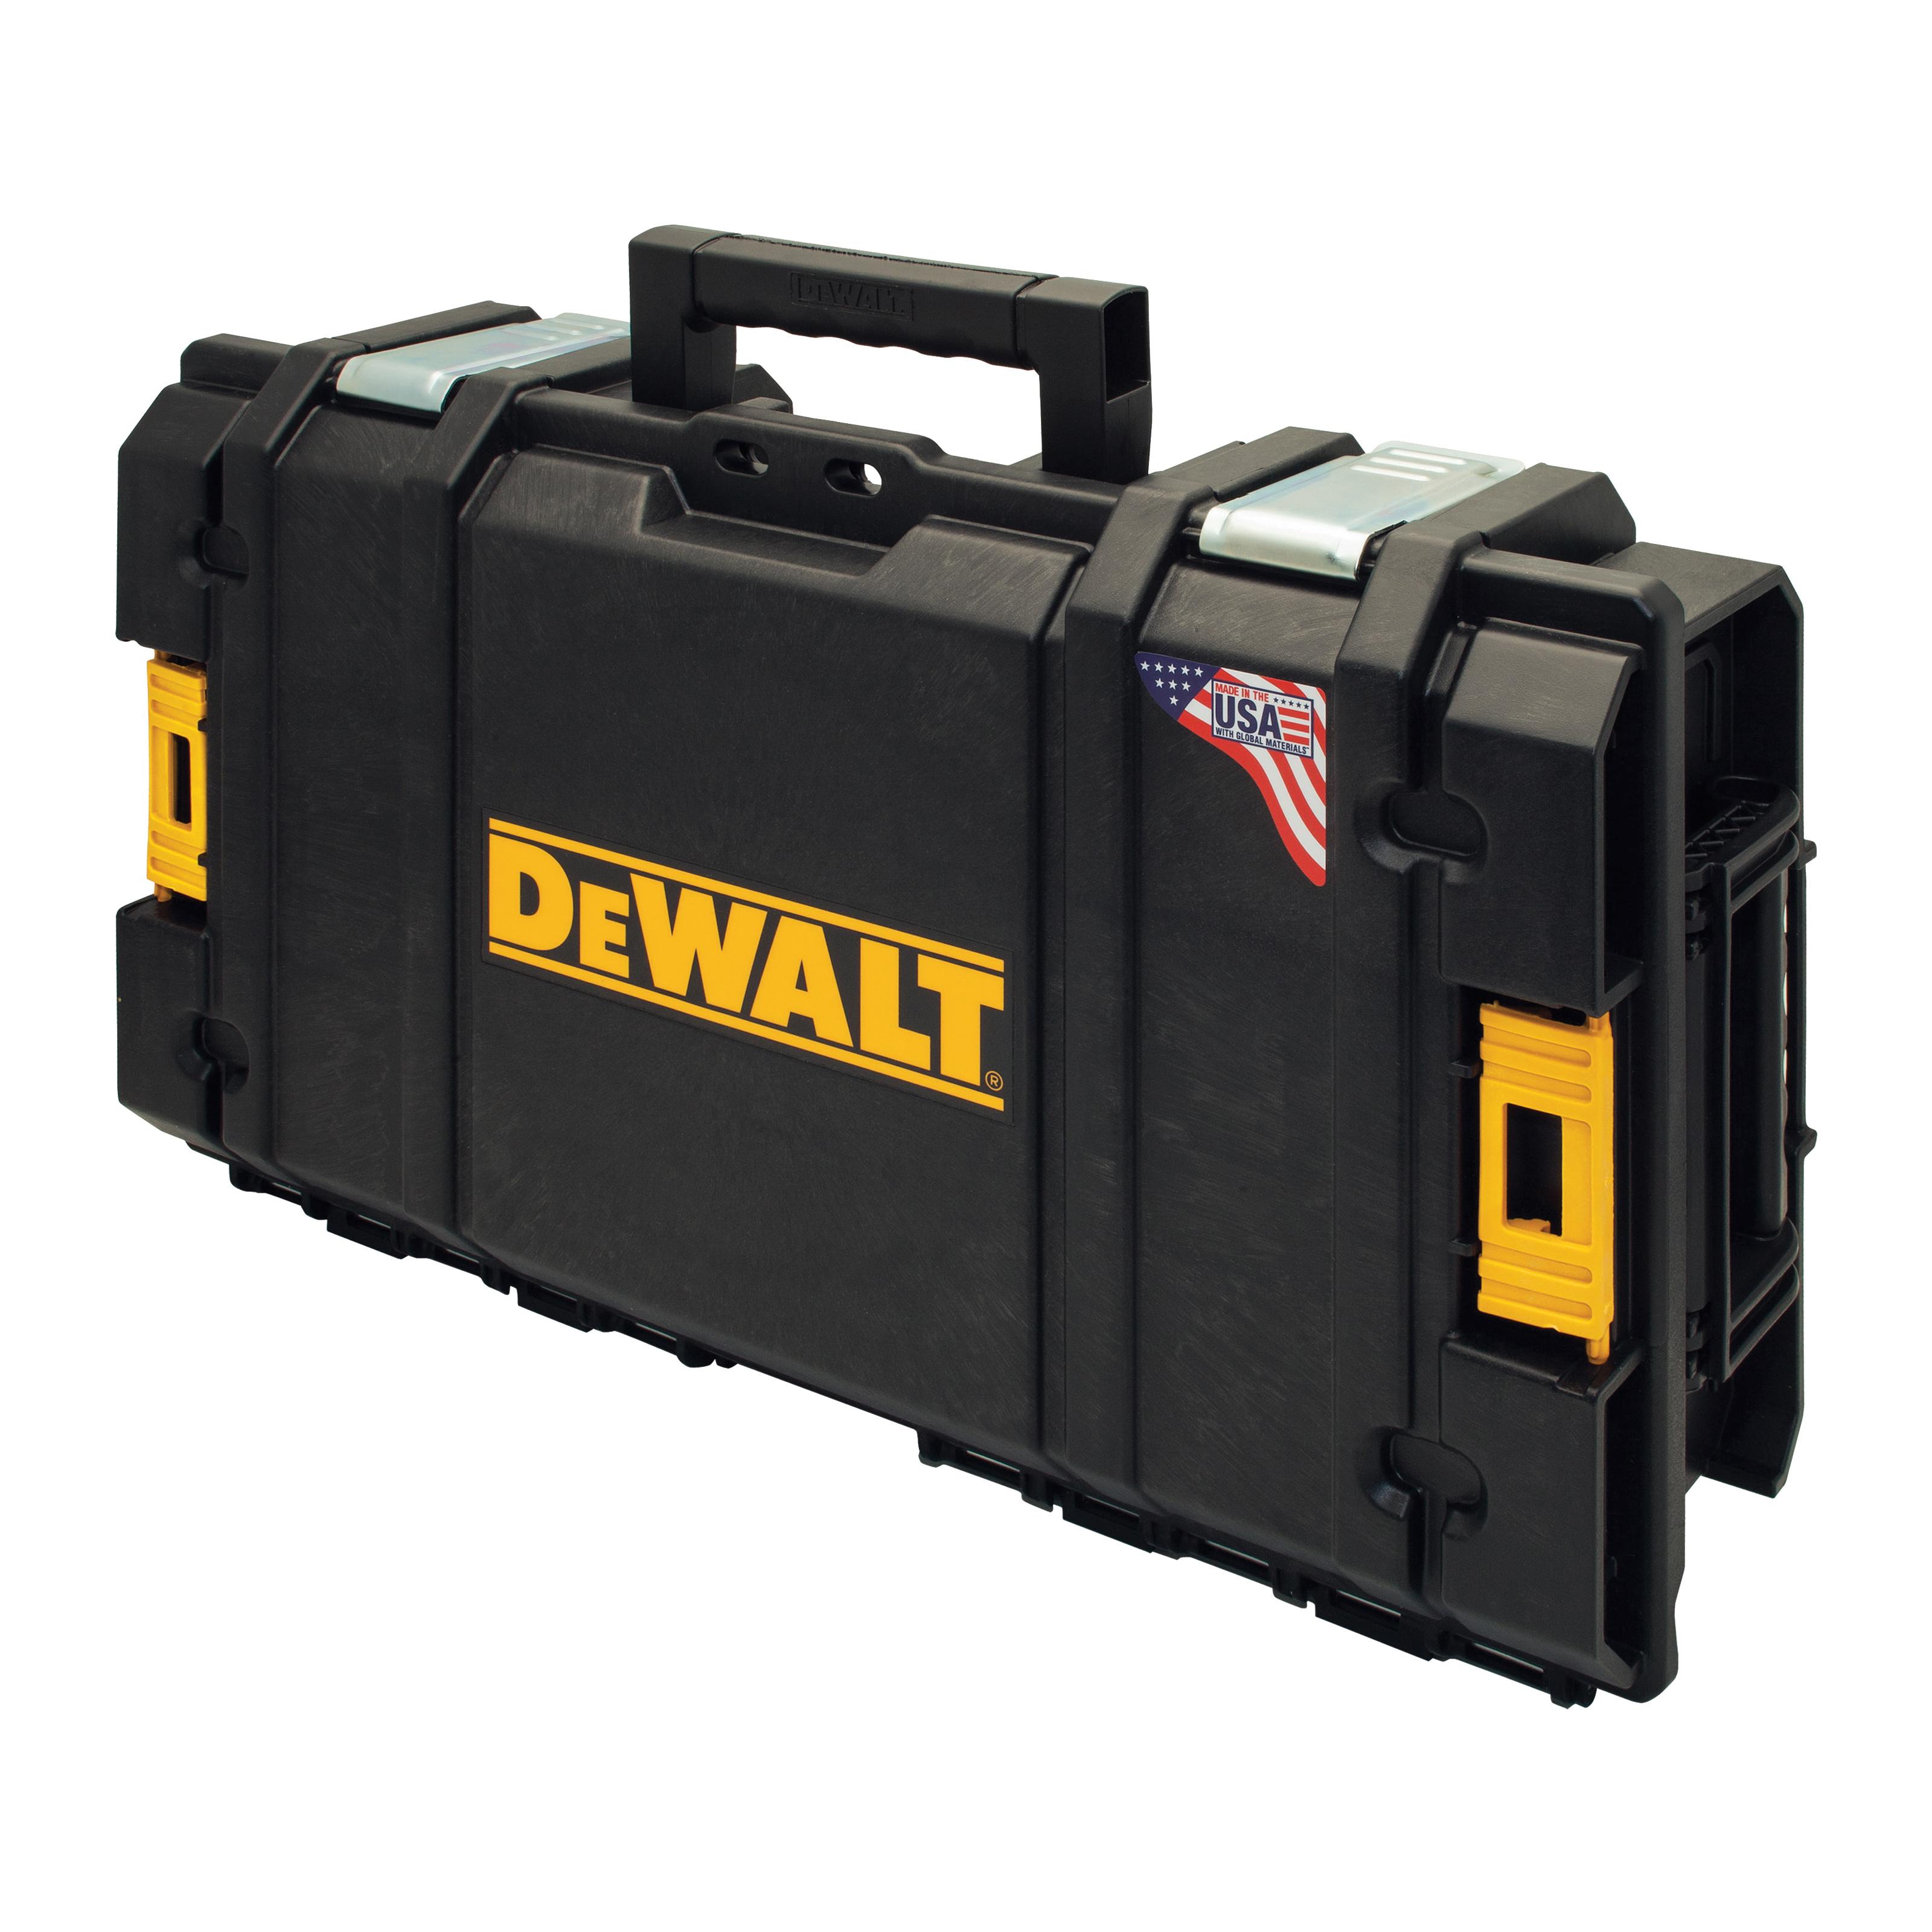 Picture of DeWALT ToughSystem DWST08130 Tool Storage System, 1155 cu-in, 13-1/4 in OAW, 6-1/4 in OAH, 22 in OAD, Foam, Black